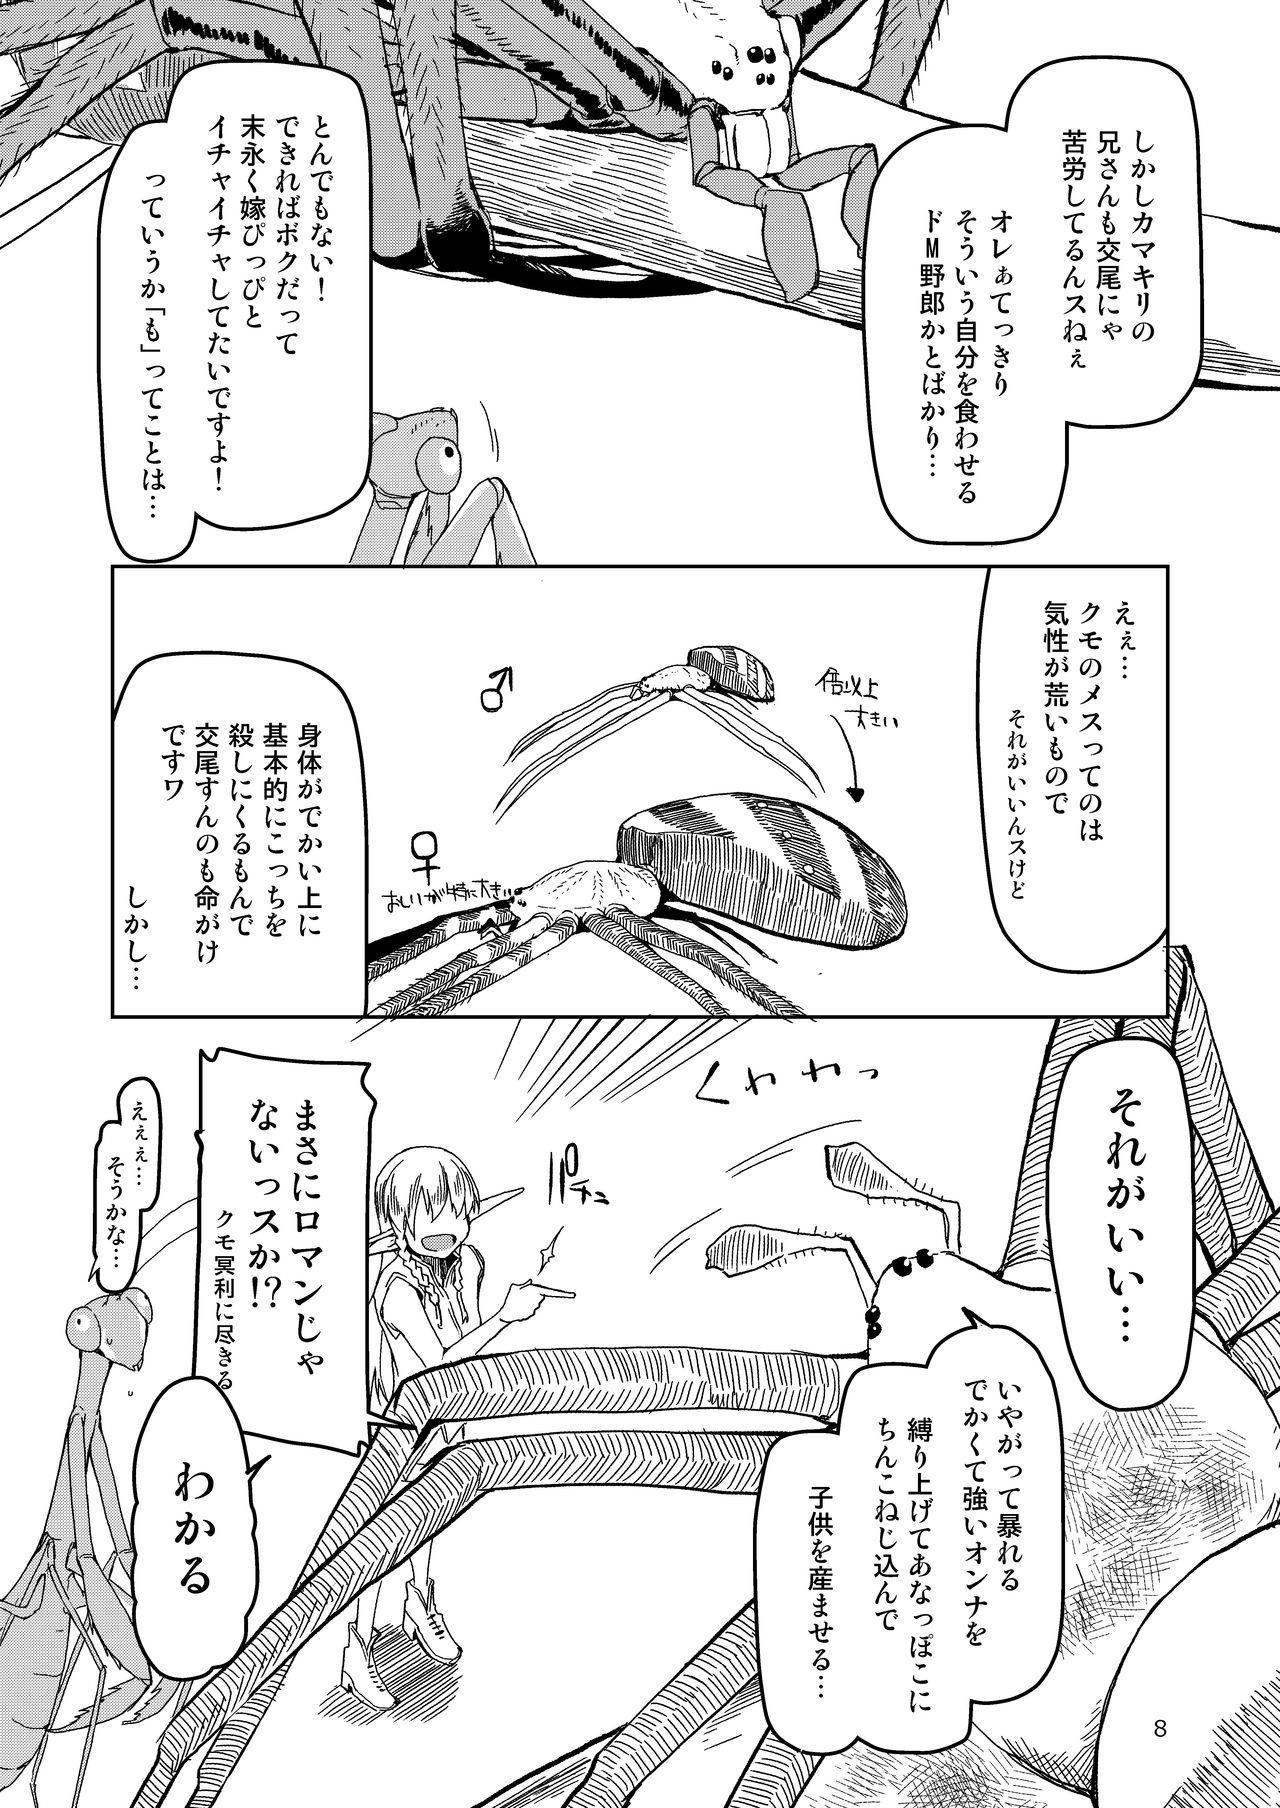 Dosukebe Elf no Ishukan Nikki Matome 2 8